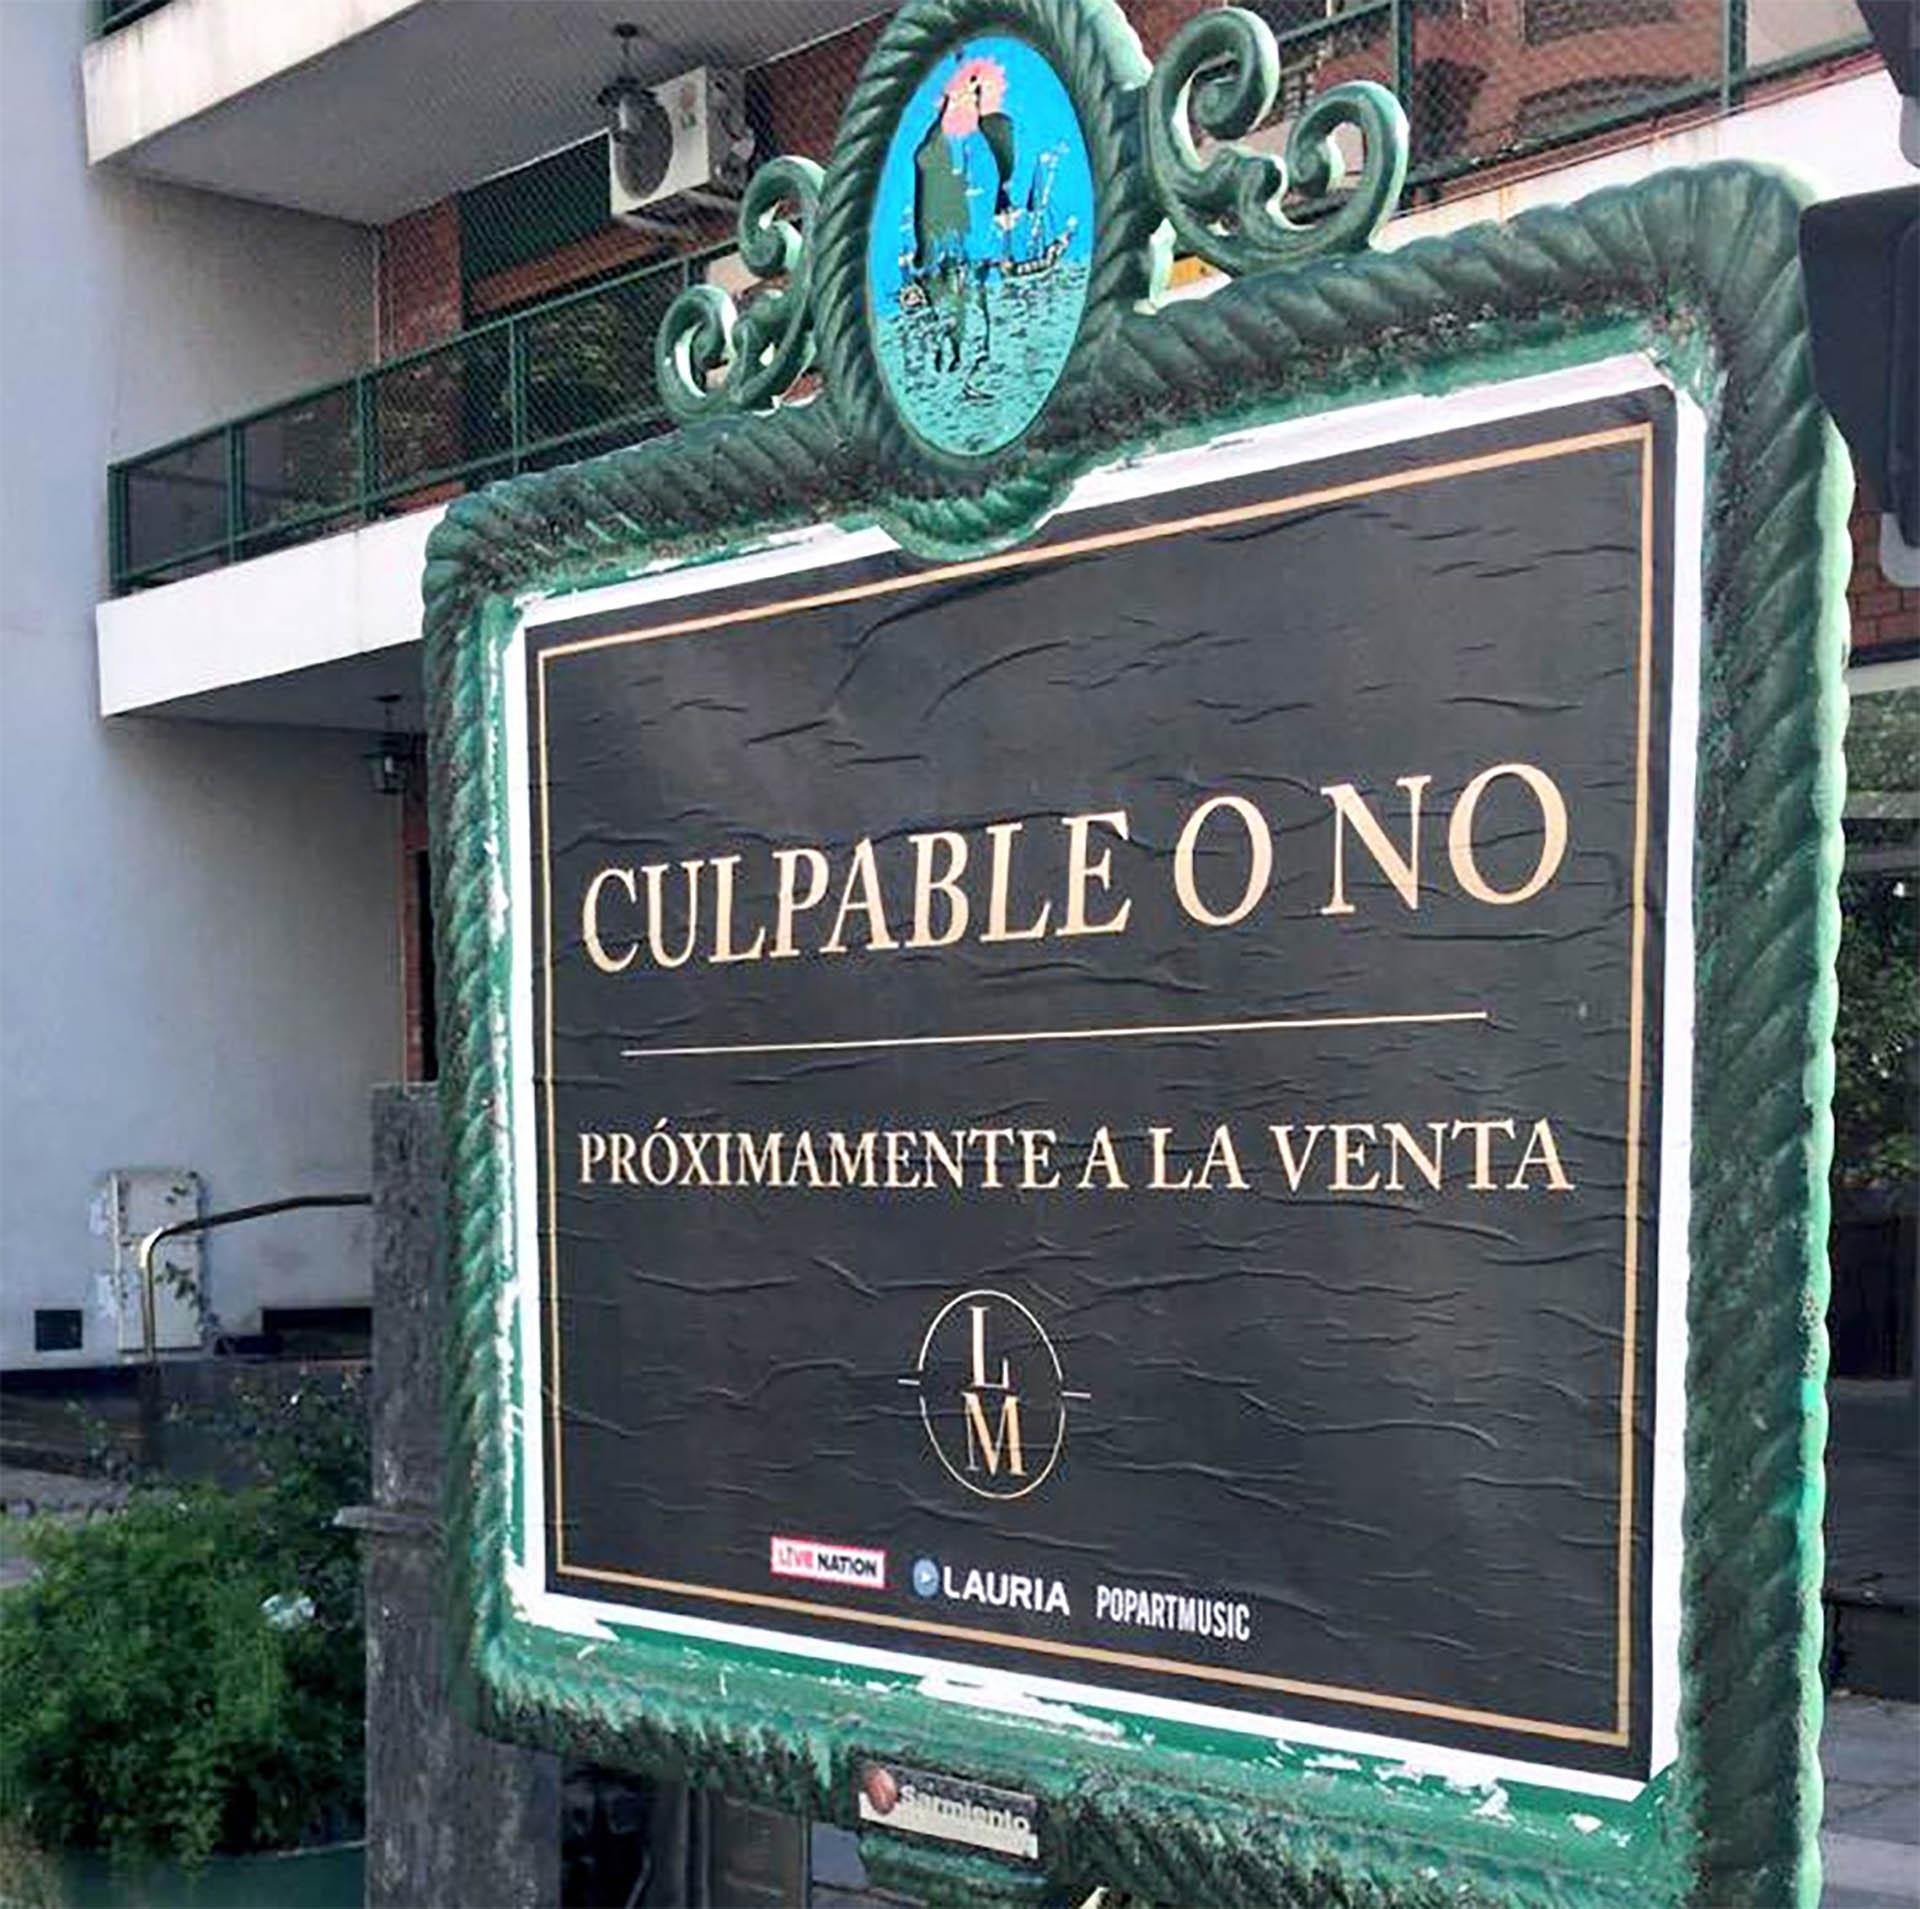 Luis Miguel anunció su regreso a la Argentina de una manera original: pusieron carteles con los títulos de los temas del cantante. Tocará el 26 de febrero en Córdoba y el 1 de marzo en Buenos Aires